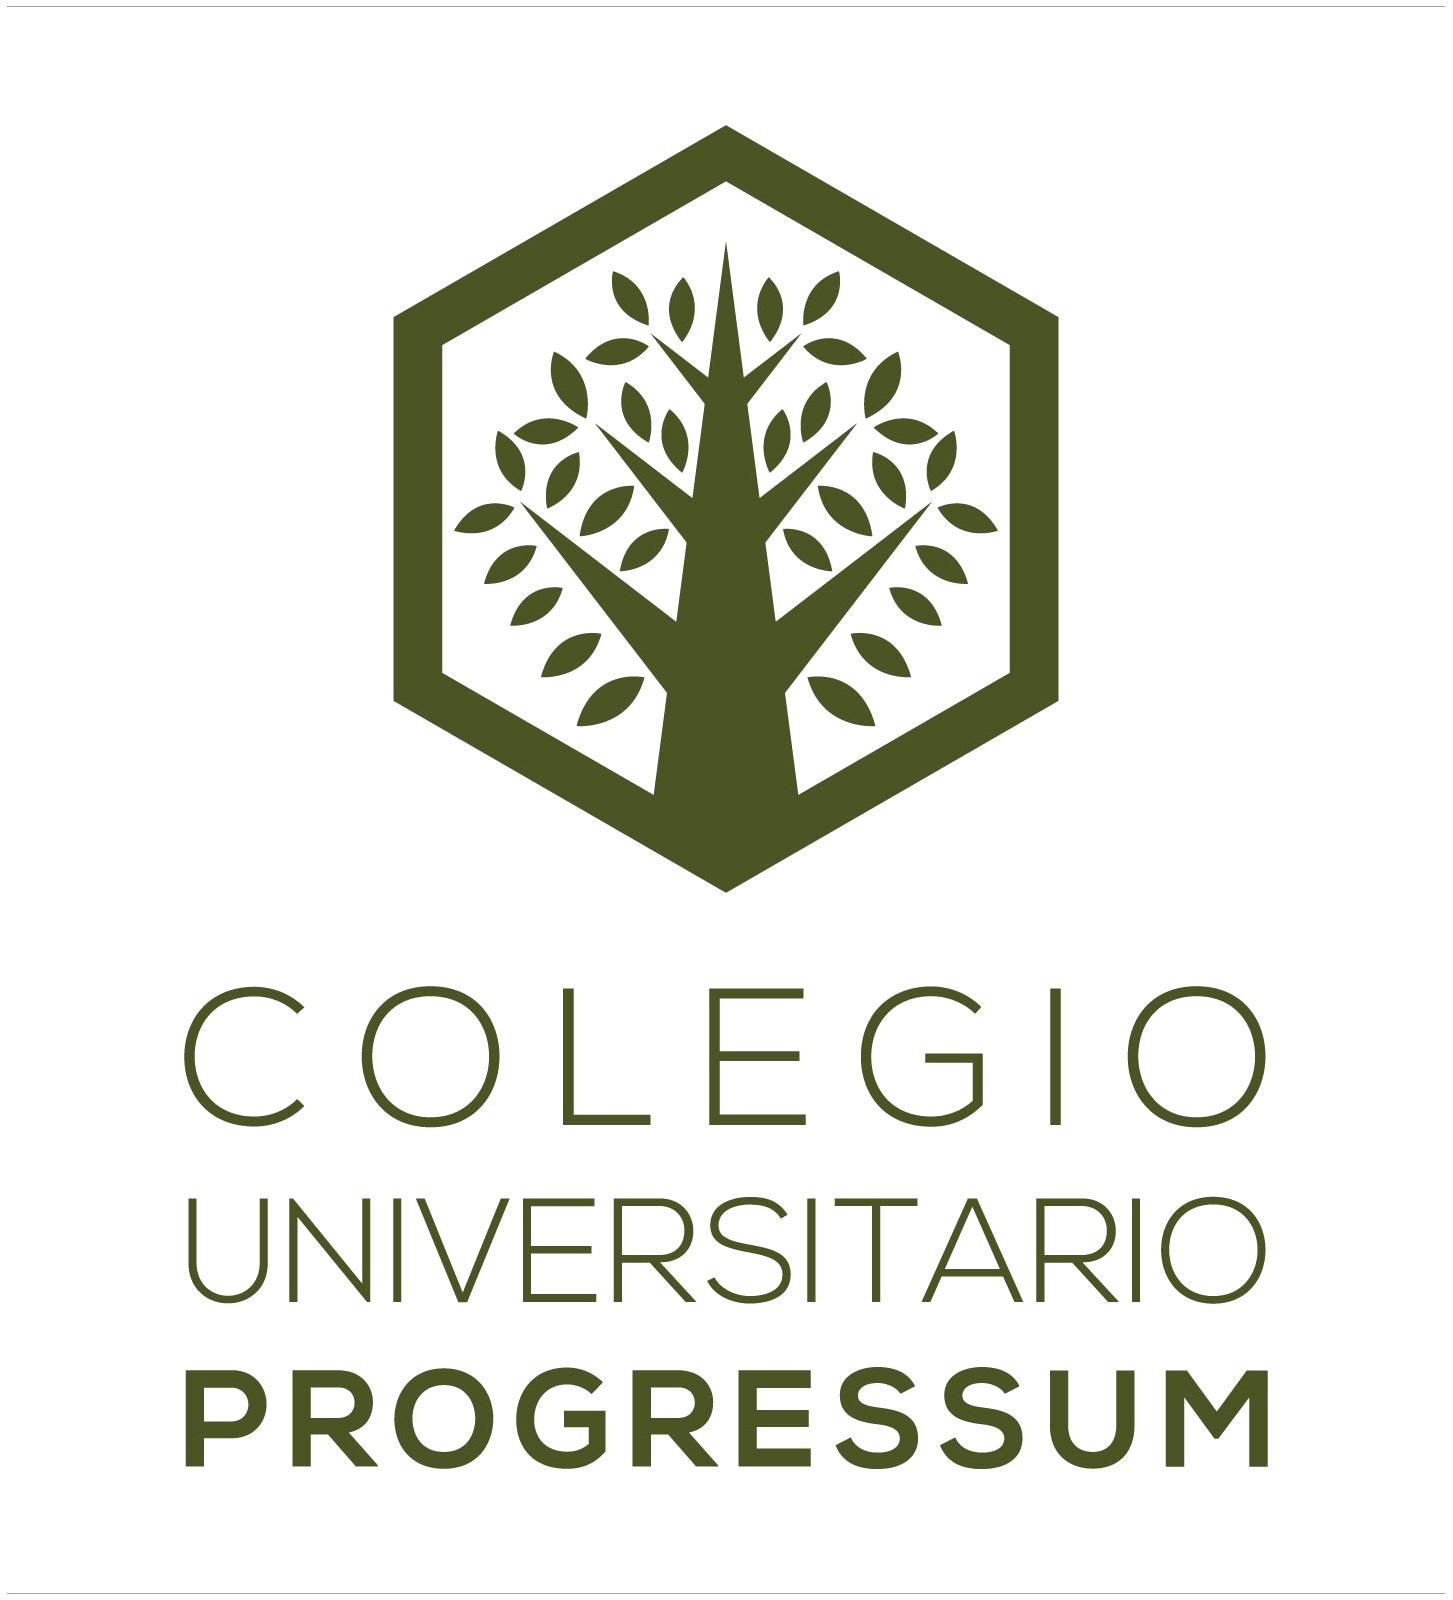 Colegio Universitario Progressum